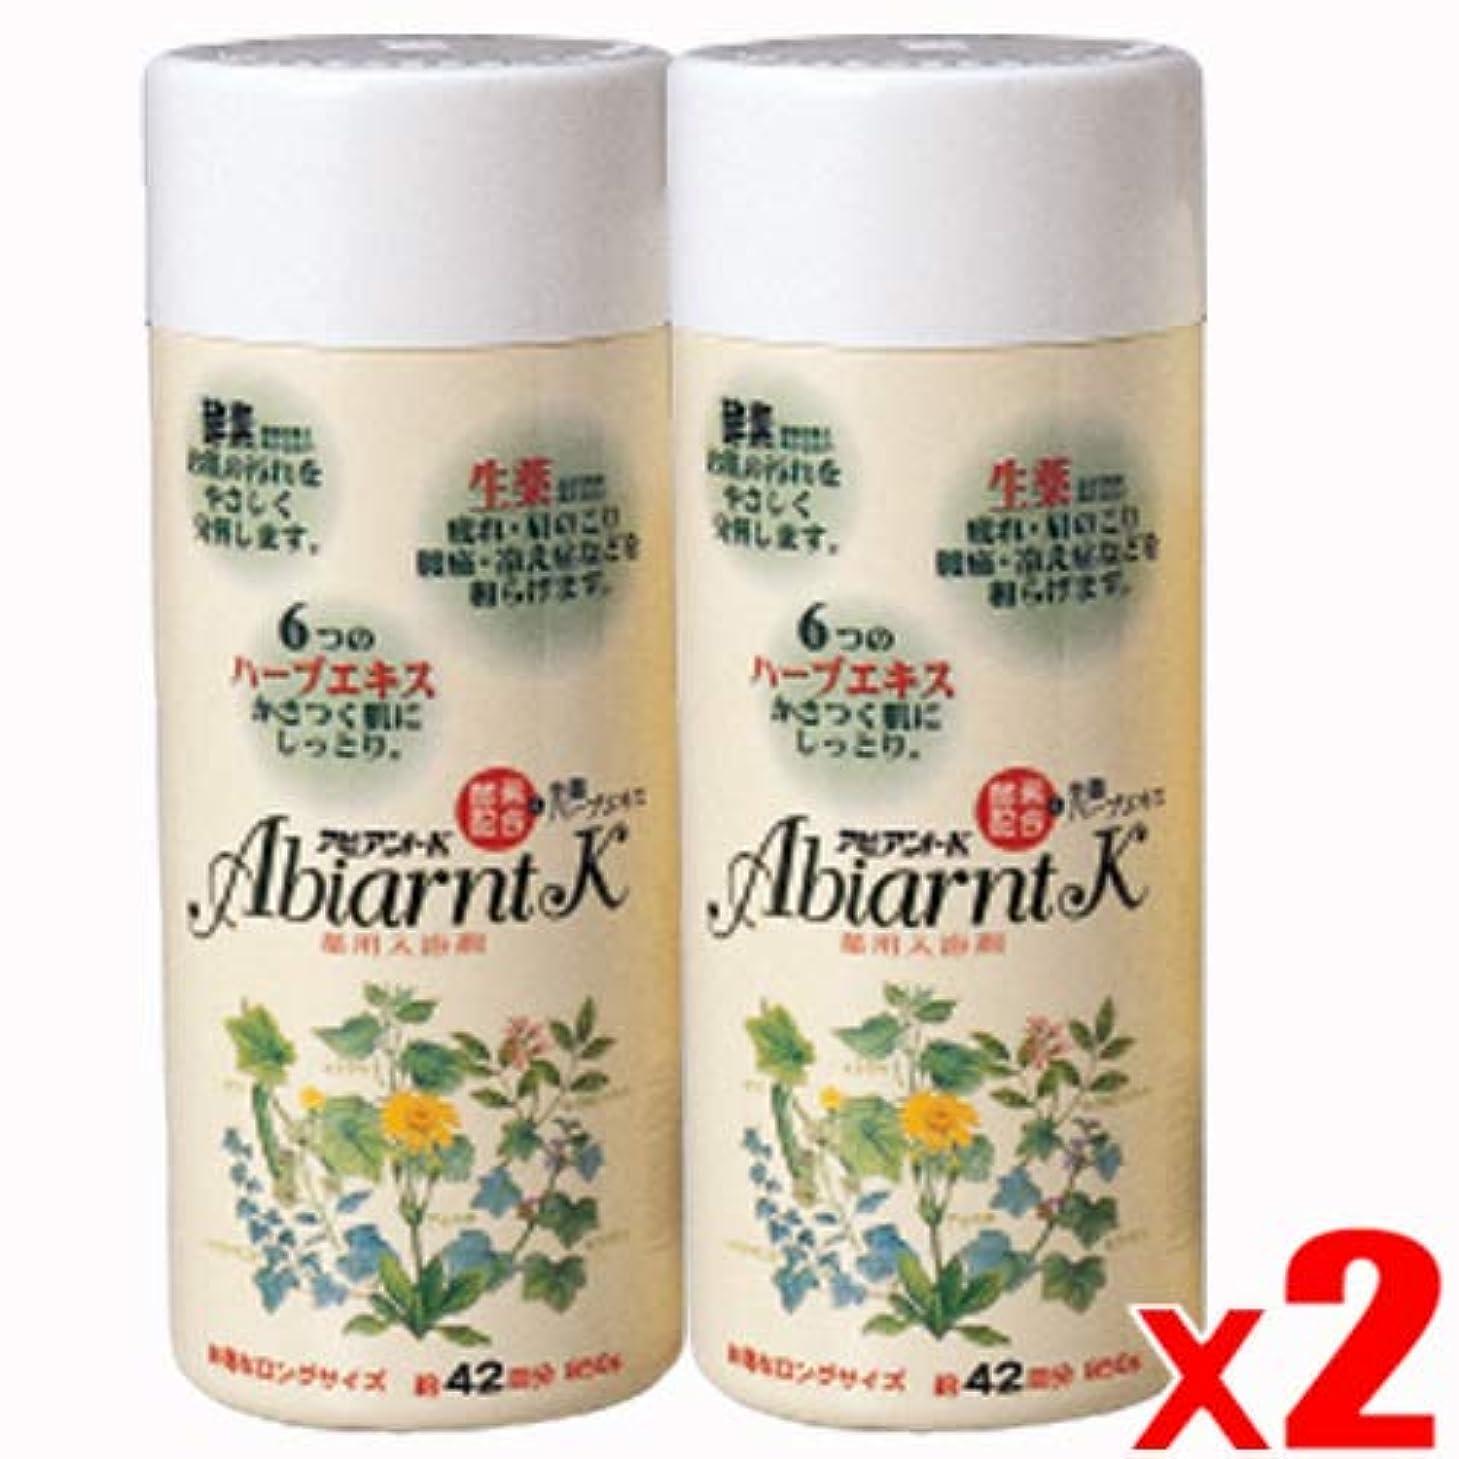 クリームやさしく与える【2本】アビアントK 薬用入浴剤 850gx2本 (4987235024123-2)